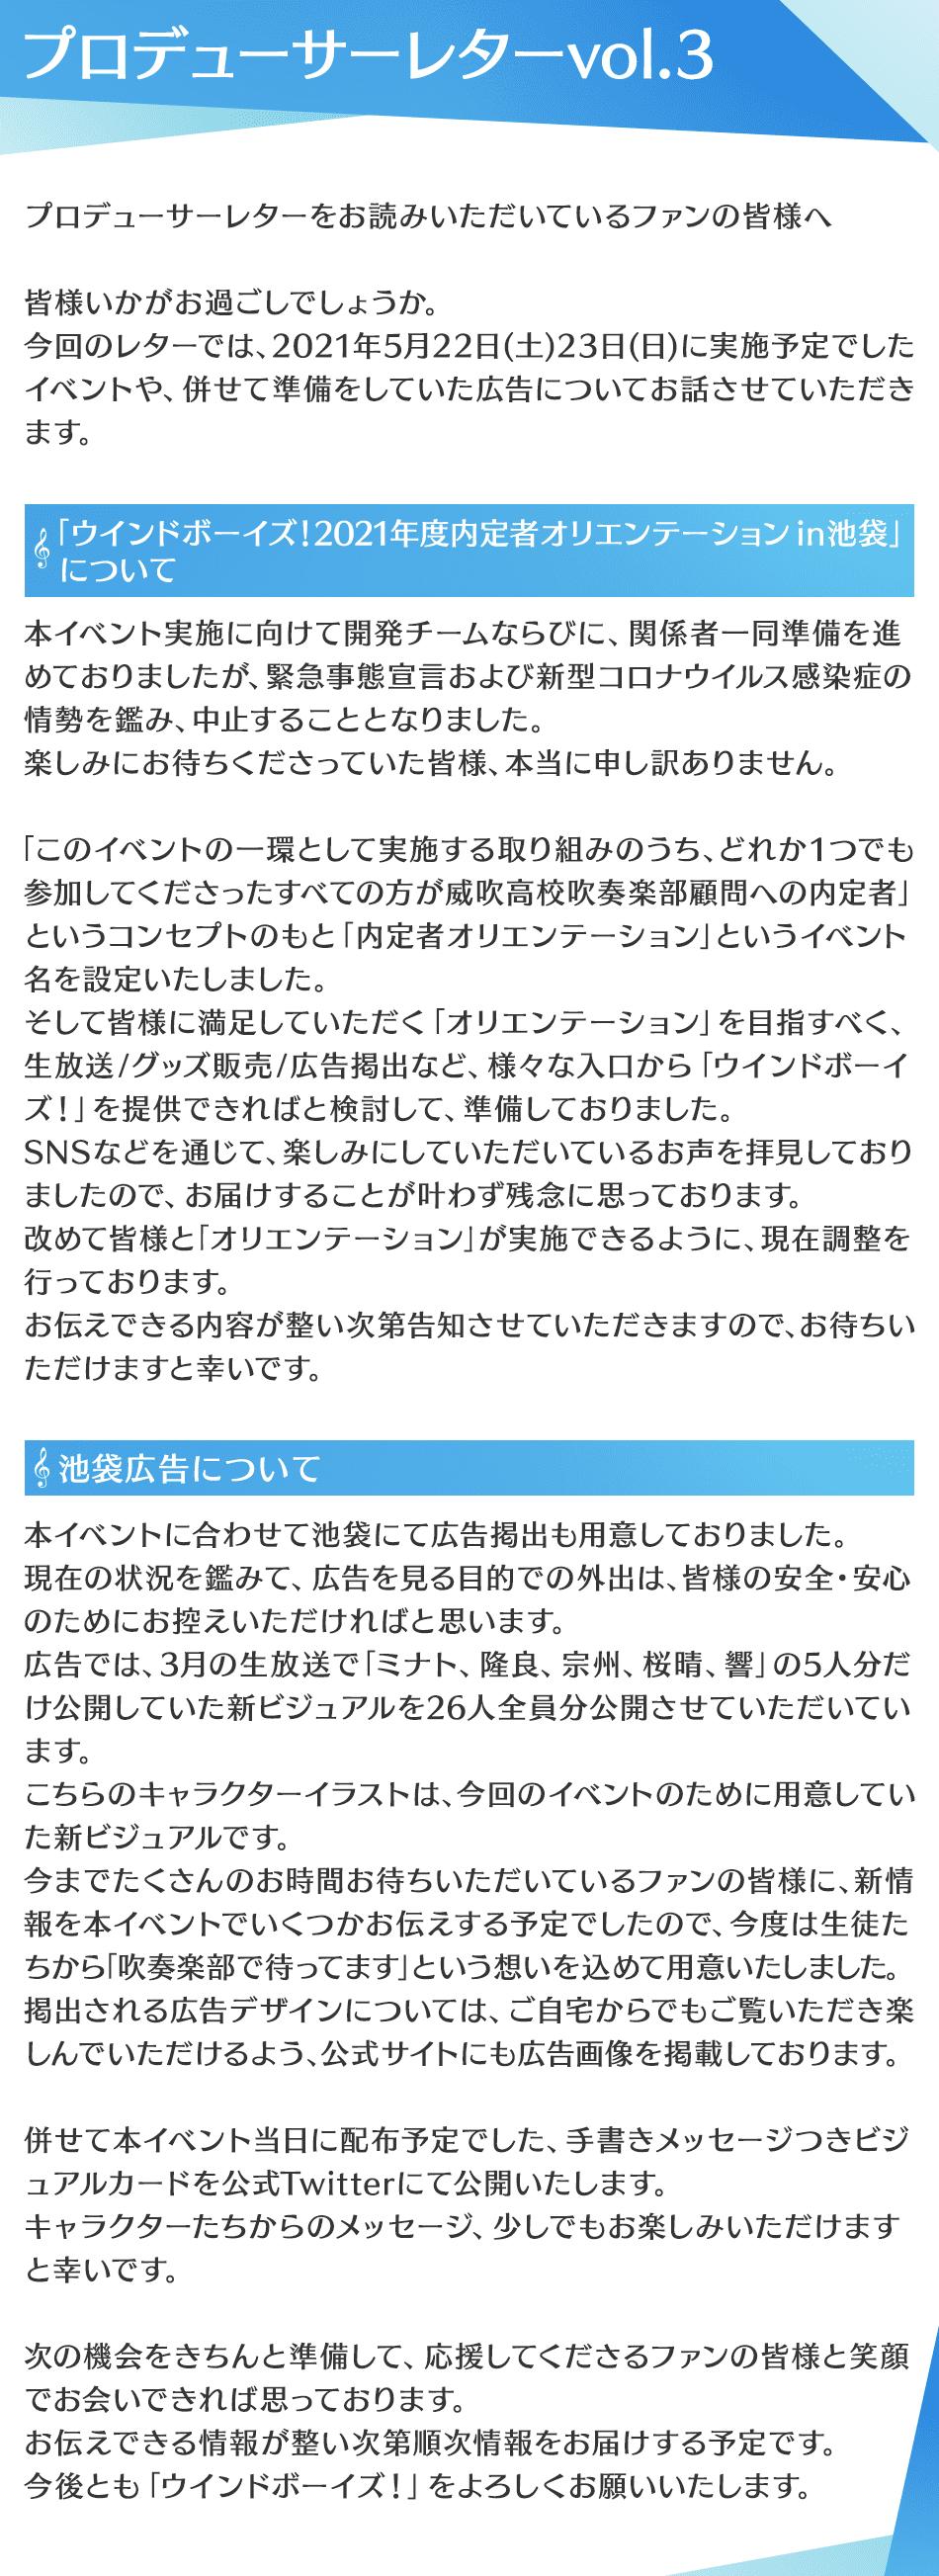 プロデューサーレター3